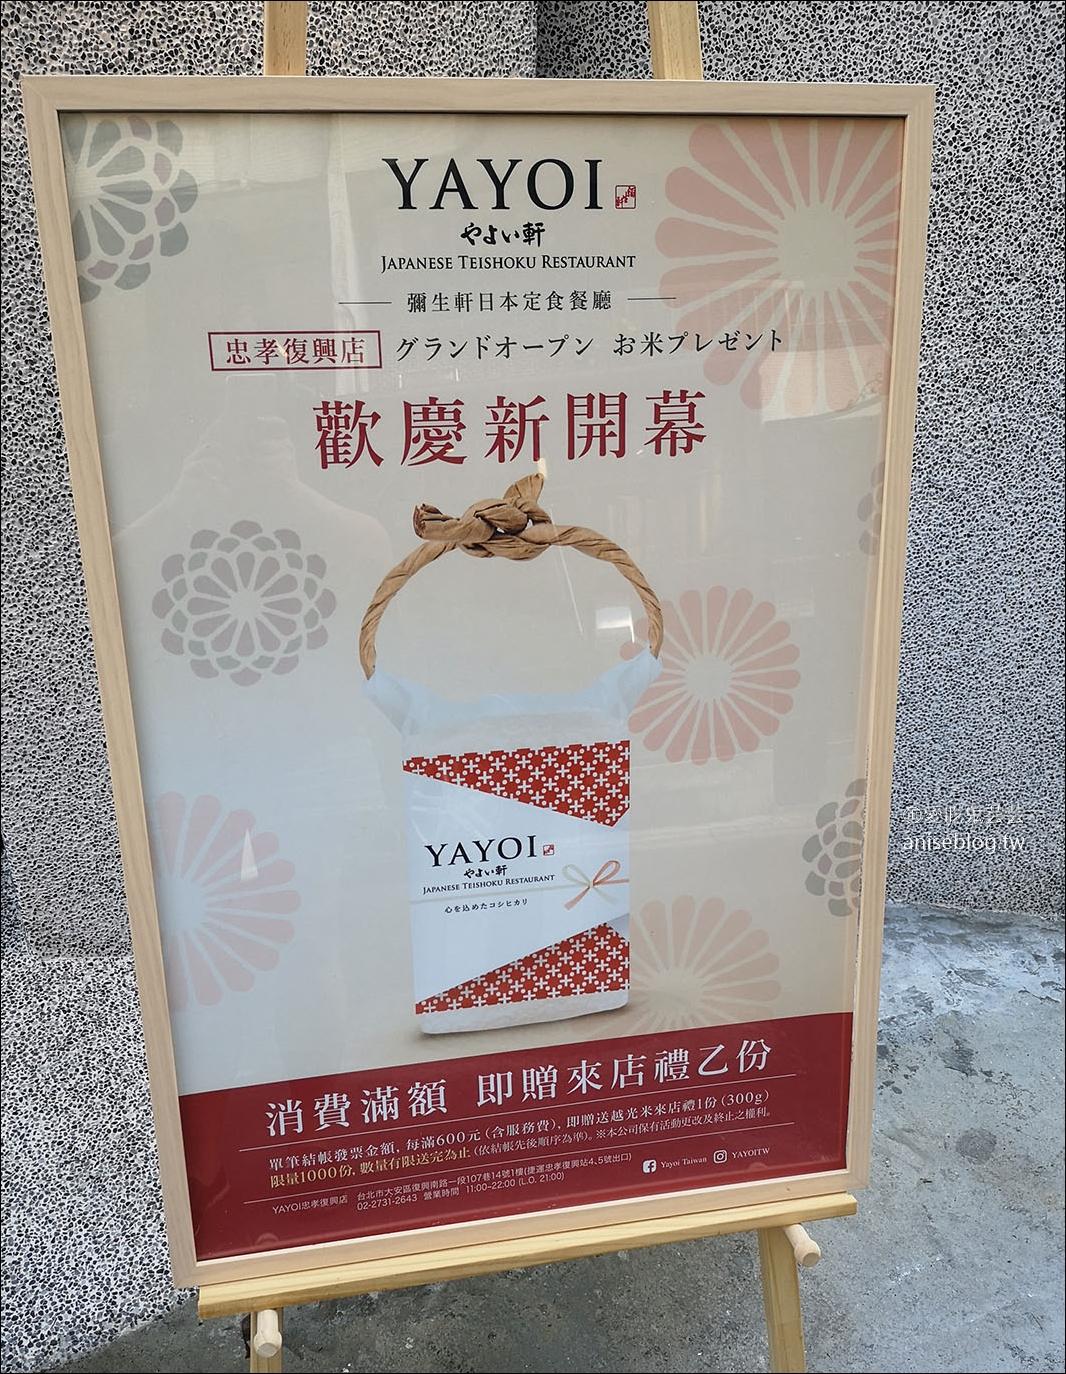 YAYOI忠孝復興店新開幕